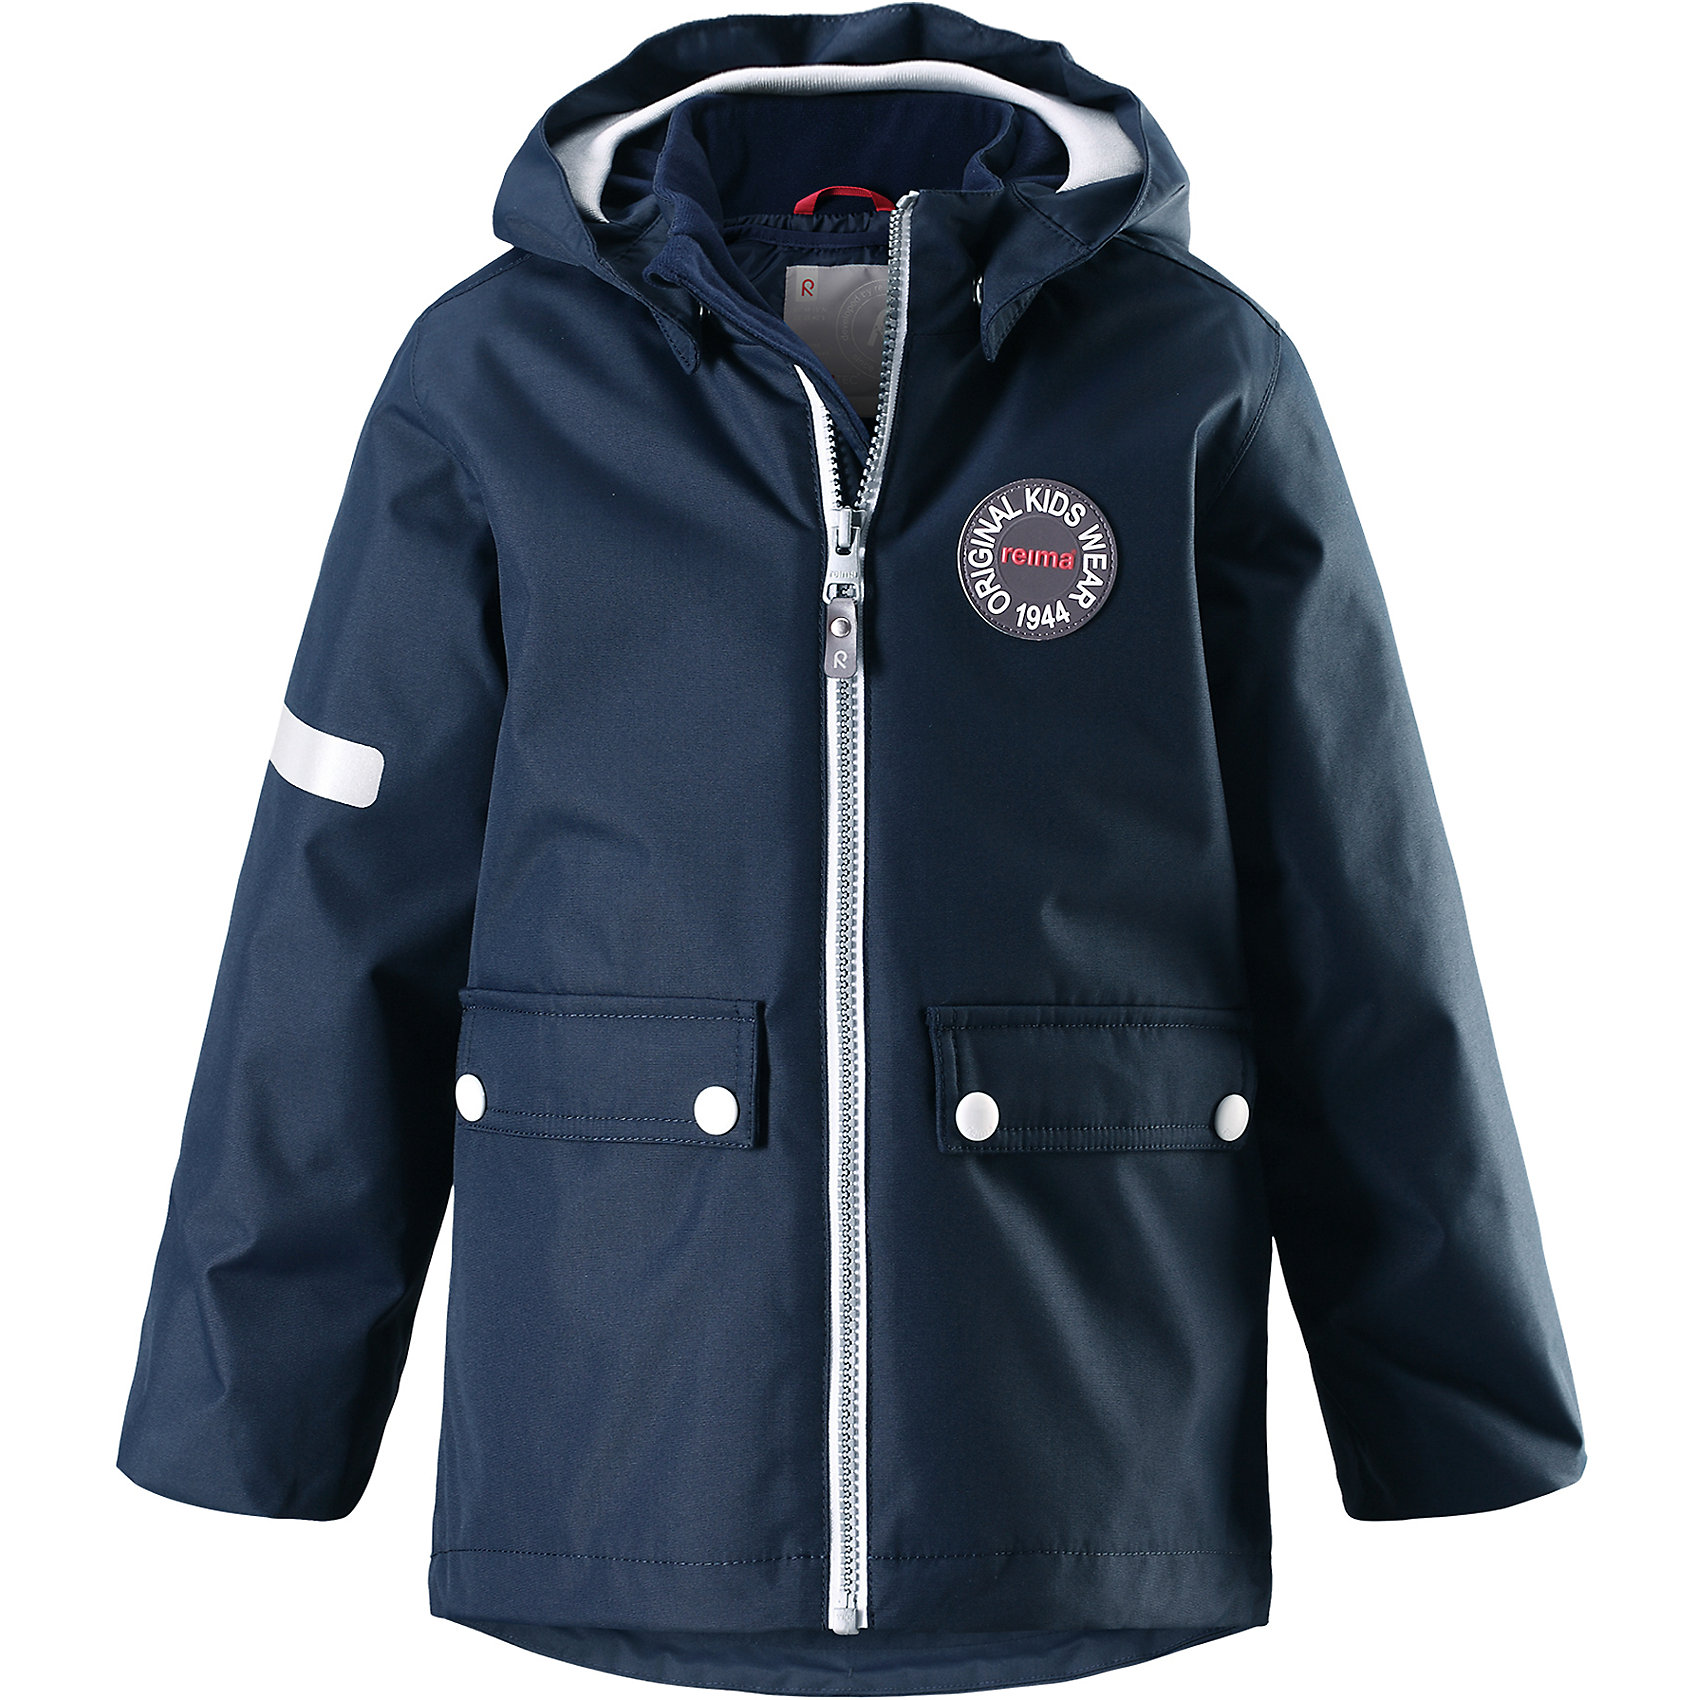 Куртка Taag Reimatec® ReimaВерхняя одежда<br>Характеристики товара:<br><br>• цвет: синий;<br>• состав: 100% полиэстер;<br>• утеплитель: 140 г/м2;<br>• сезон: демисезон, зима;<br>• температурный режим: от +10 до -10С;<br>• водонепроницаемость: 10000 мм;<br>• воздухопроницаемость: 10000 мм;<br>• износостойкость: 30000 циклов (тест Мартиндейла);<br>• водо и ветронепроницаемый, дышащий и грязеотталкивающий материал;<br>• все швы проклеены и водонепроницаемы;<br>• безопасный съемный капюшон на кнопках;<br>• застежка: молния с защитой подбородка от защемления;<br>• съемная стеганая подкладка;<br>• мягкая резинка на кромке капюшона и манжетах;<br>• регулируемый подол;<br>• два накладных кармана на кнопках;<br>• логотип Reima® спереди;<br>• светоотражающие элементы;<br>• страна бренда: Финляндия;<br>• страна производства: Китай.<br><br>Демисезонная куртка с капюшоном, в ней дождь не страшен – все основные швы проклеены, водонепроницаемы. Куртка на молнии со съемной стеганой подкладкой – незаменимая вещь для осенней поры а когда похолодает, просто подденьте теплый промежуточный слой и куртка превратиться в отличный зимний вариант. <br><br>Подол в этой куртке прямого покроя легко регулируется, что позволяет подогнать ее идеально по фигуре. Большие карманы с клапанами и светоотражающие детали, вместе с мягкой резинкой на манжетах и по краю капюшона они придают образу изюминку.<br><br>Куртка Taag Reimatec® Reima (Рейма) можно купить в нашем интернет-магазине.<br><br>Ширина мм: 356<br>Глубина мм: 10<br>Высота мм: 245<br>Вес г: 519<br>Цвет: синий<br>Возраст от месяцев: 108<br>Возраст до месяцев: 120<br>Пол: Унисекс<br>Возраст: Детский<br>Размер: 140,104,110,116,122,128,134<br>SKU: 6907752